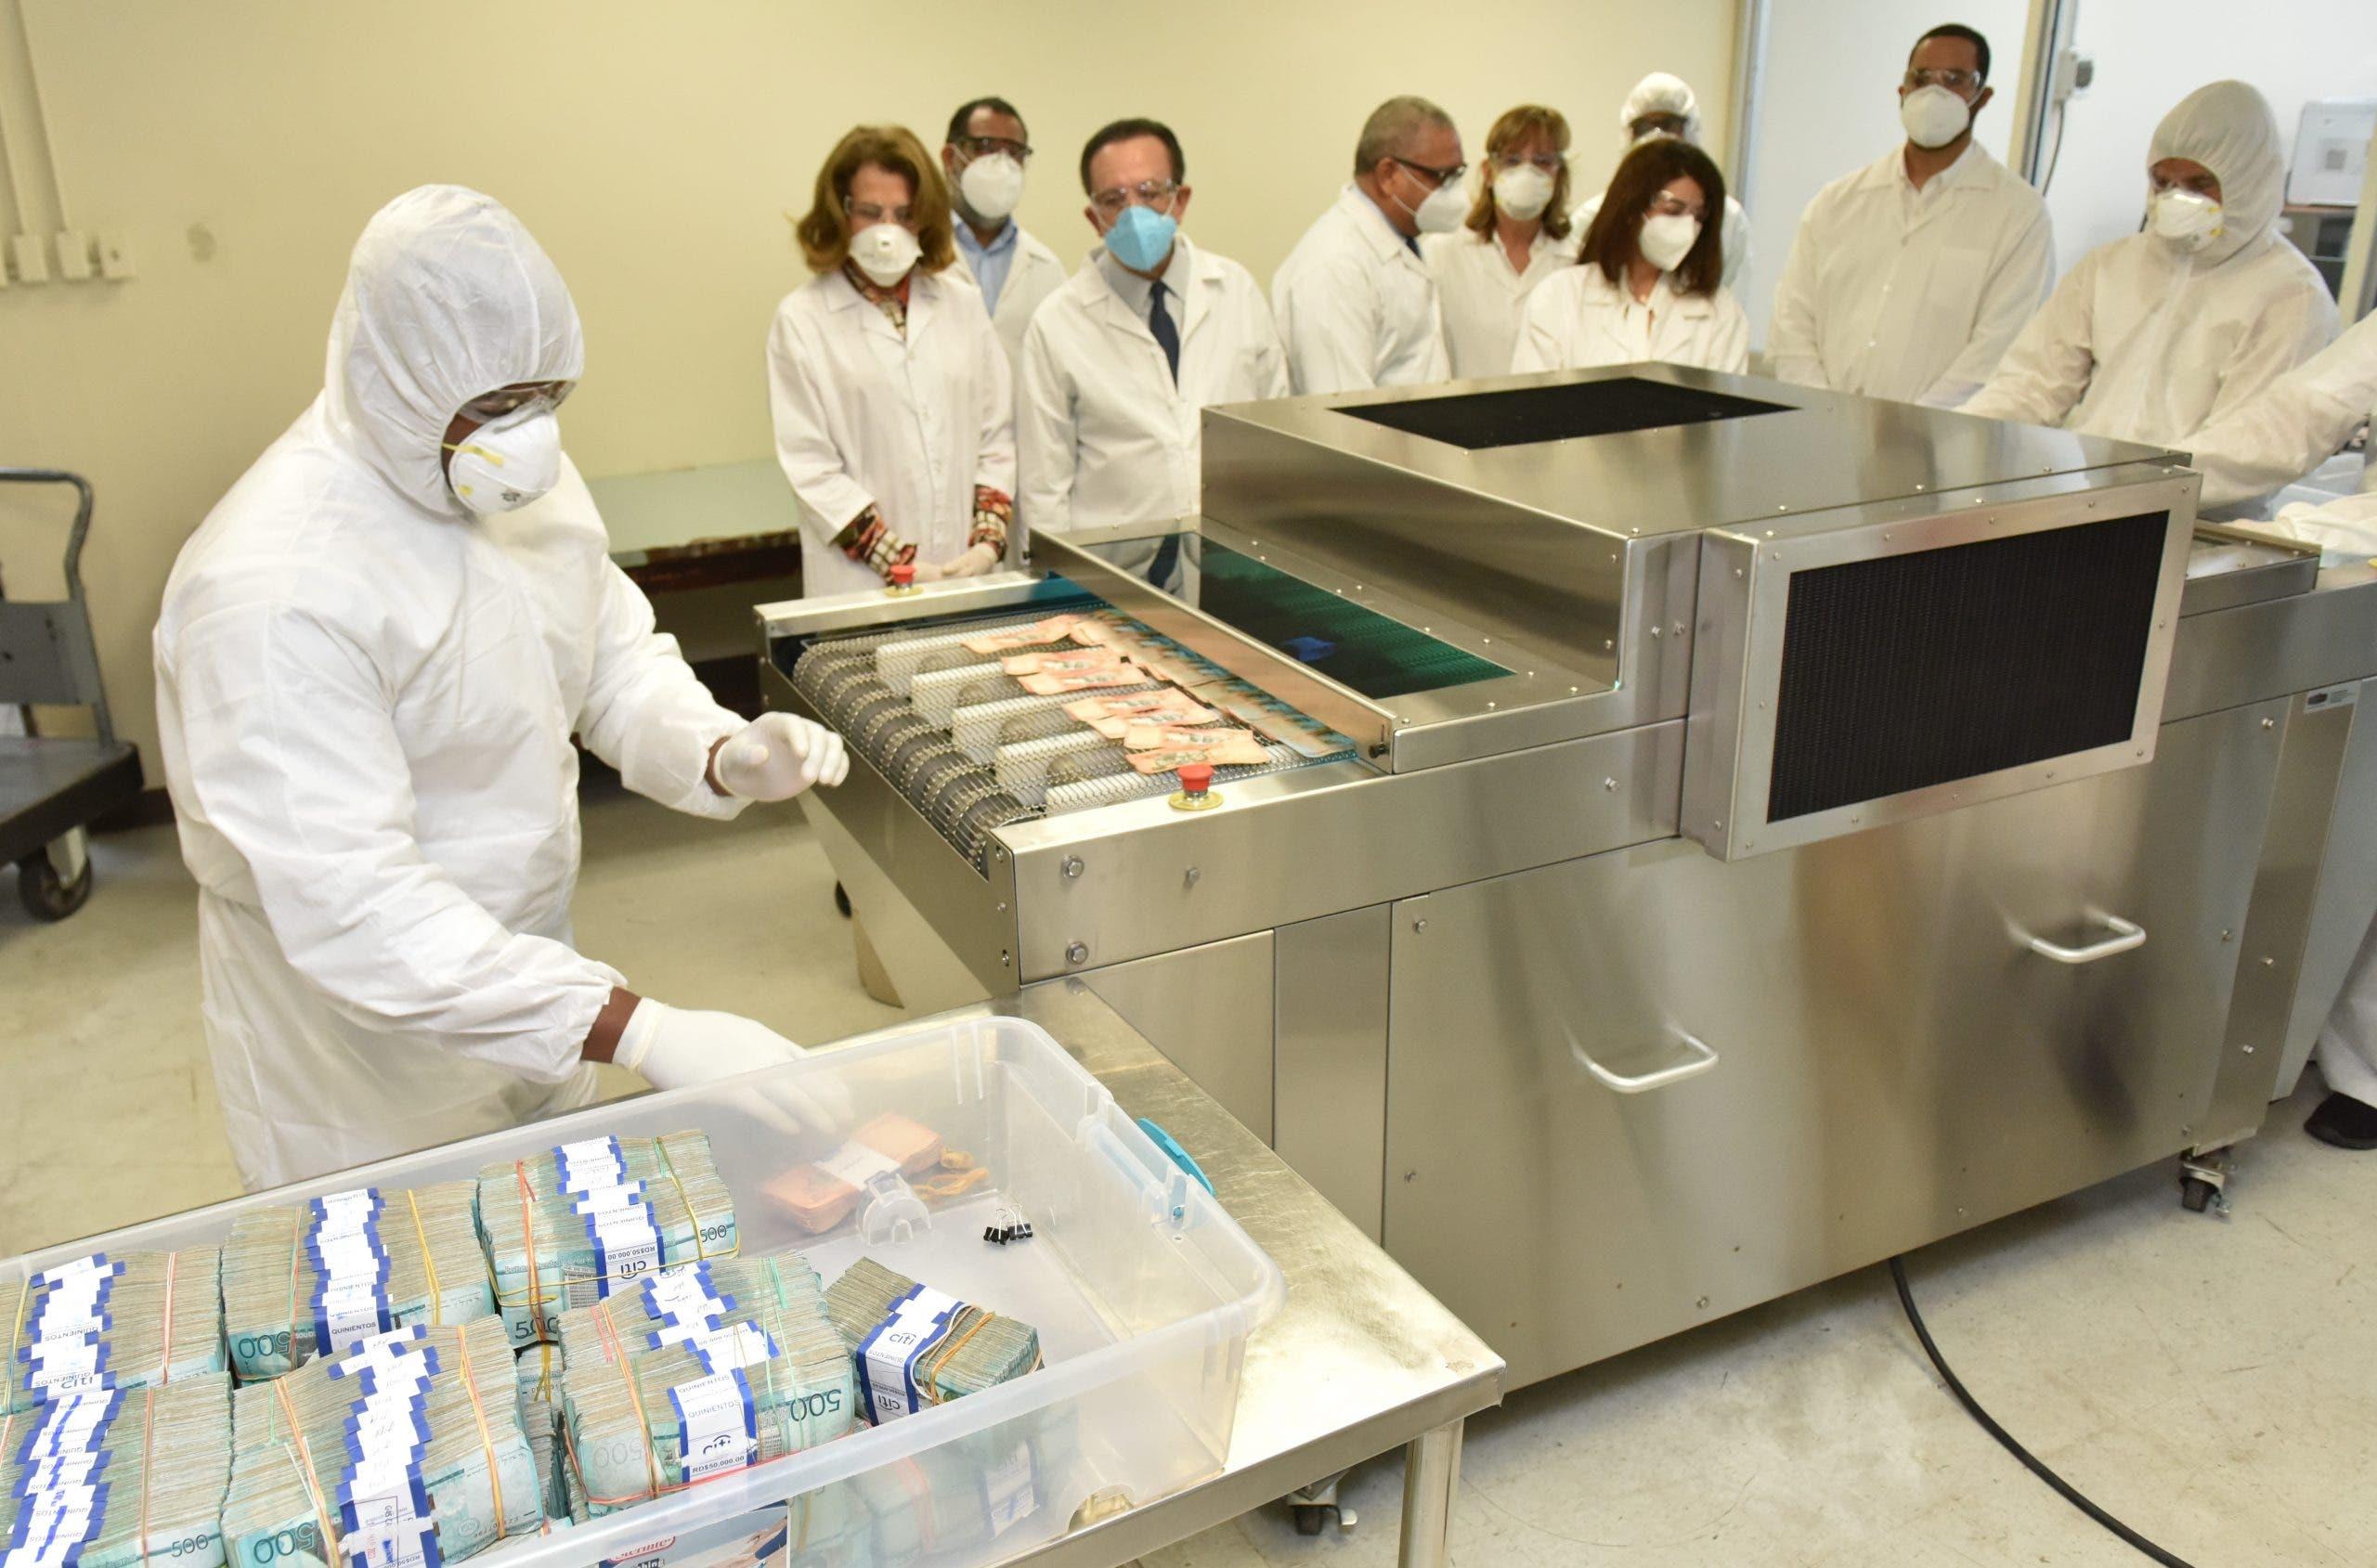 Banco Central pone en funcionamiento equipo de rayos ultravioleta para desinfección de billetes